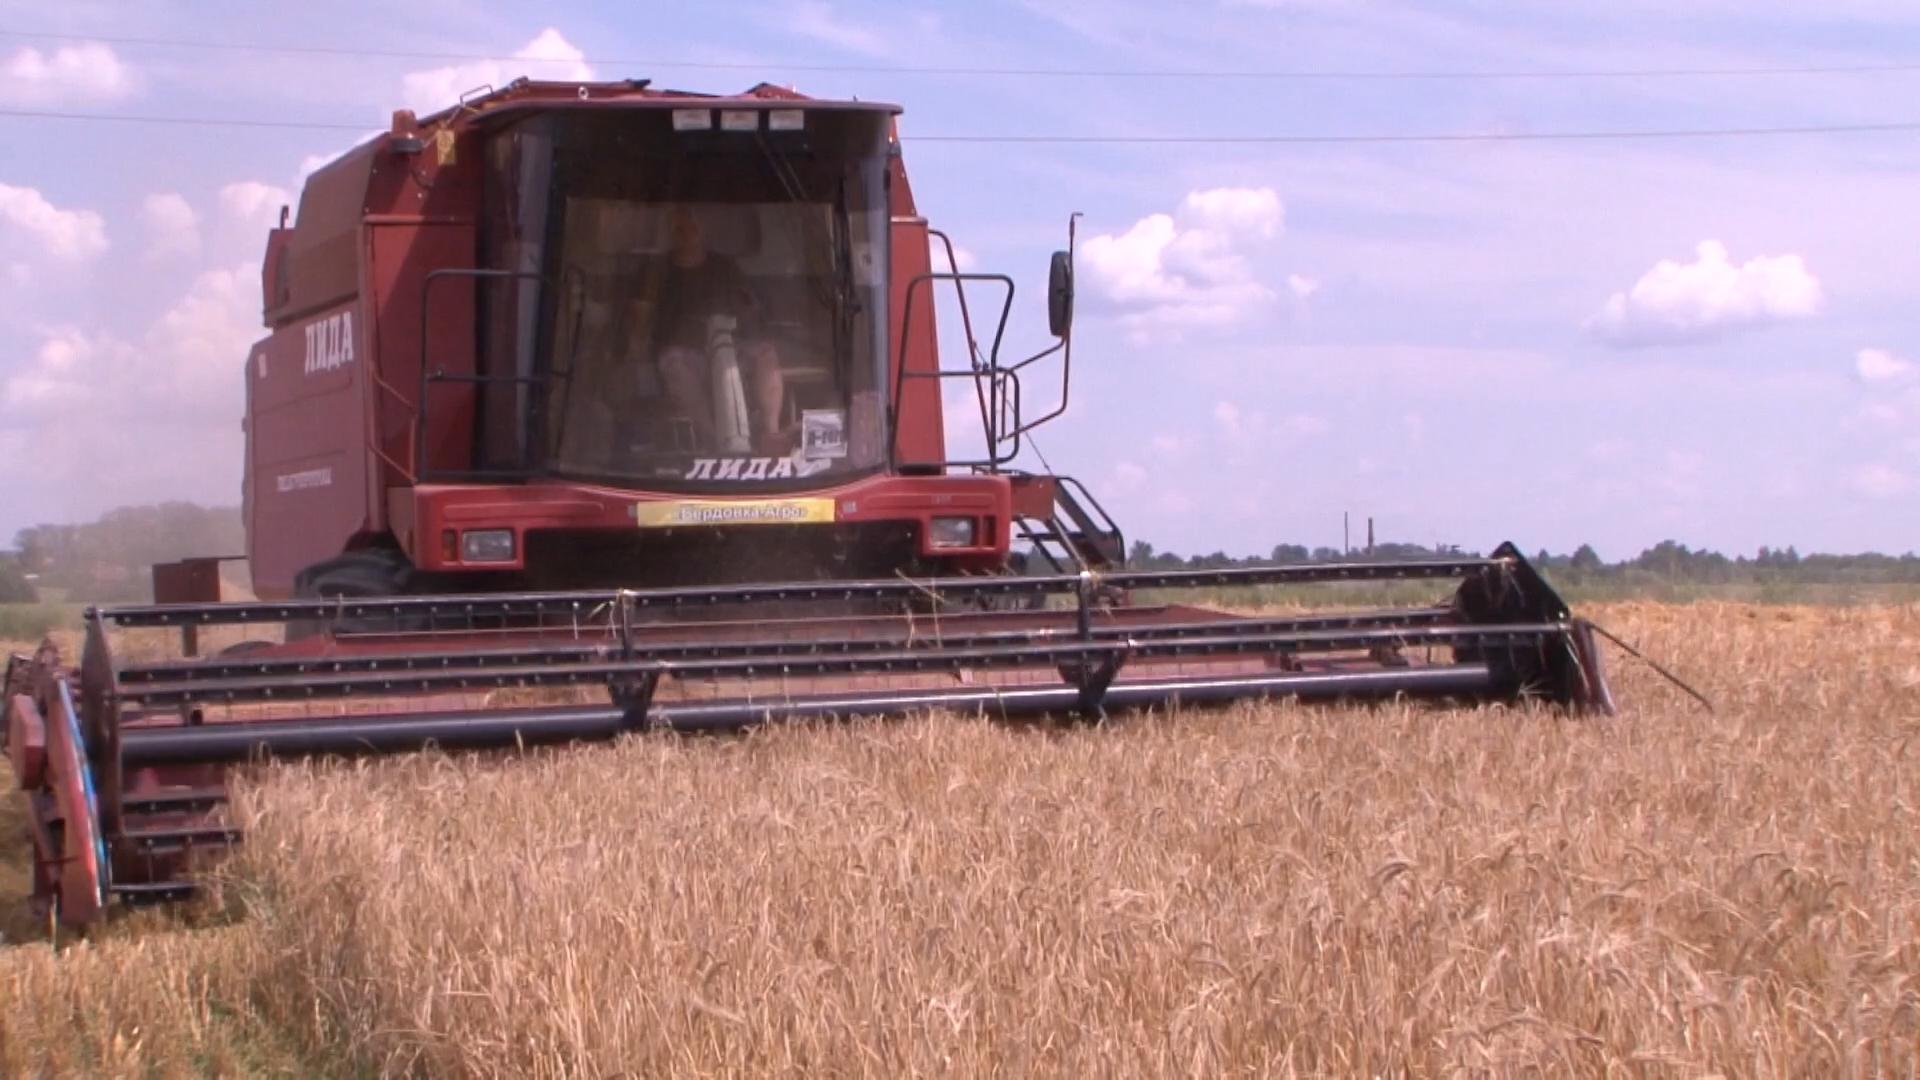 Аграрии собрали более 3 млн. т зерна. Работы в полях идут без остановок.